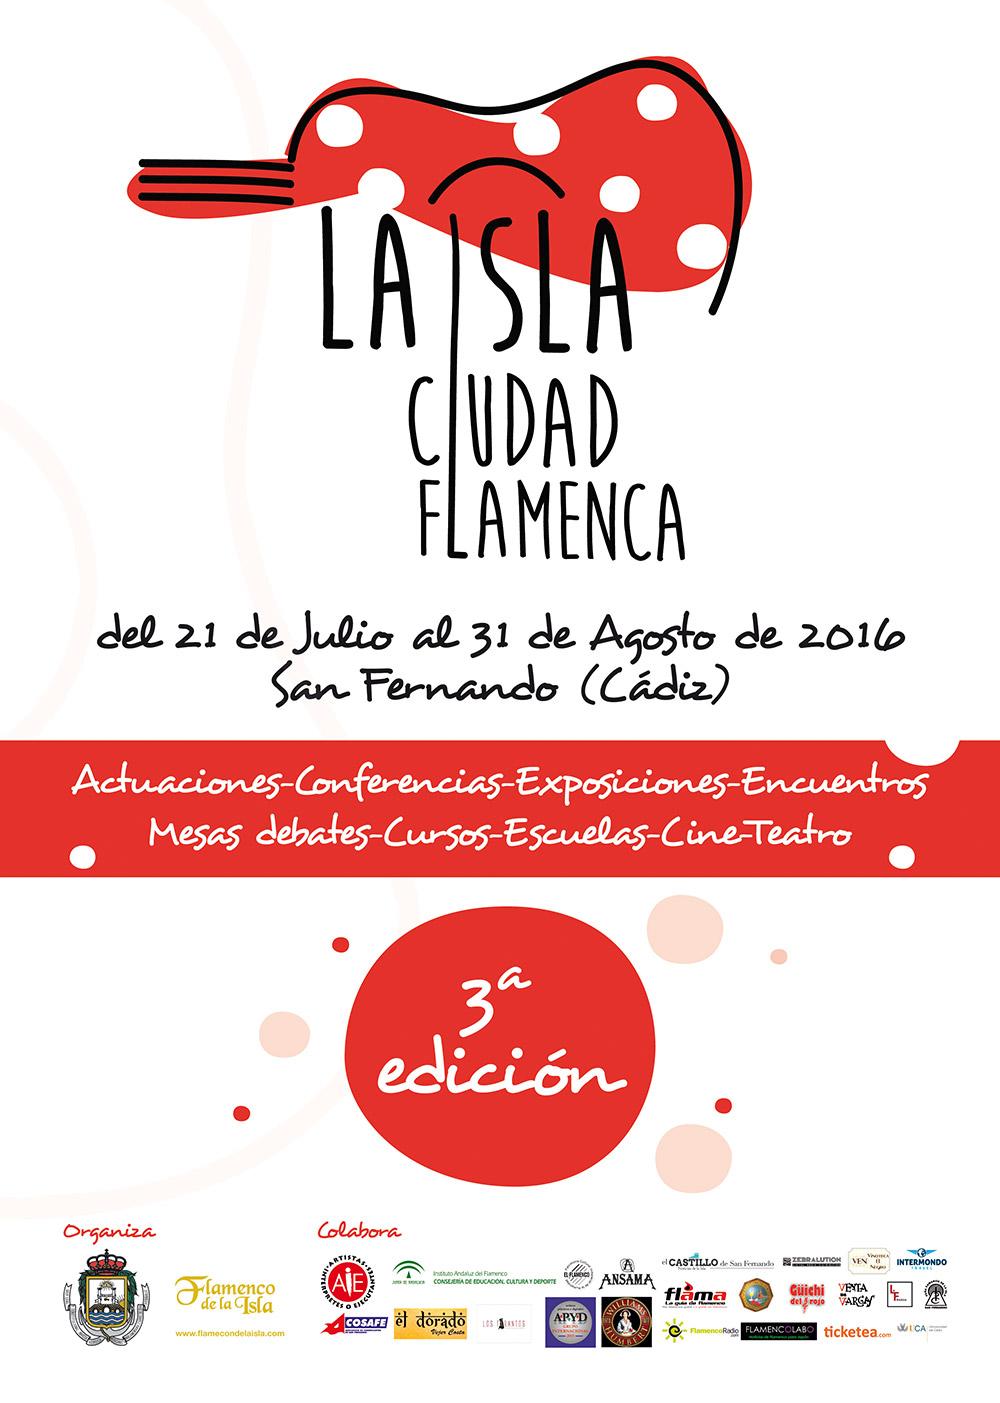 La Isla Ciudad Flamenca